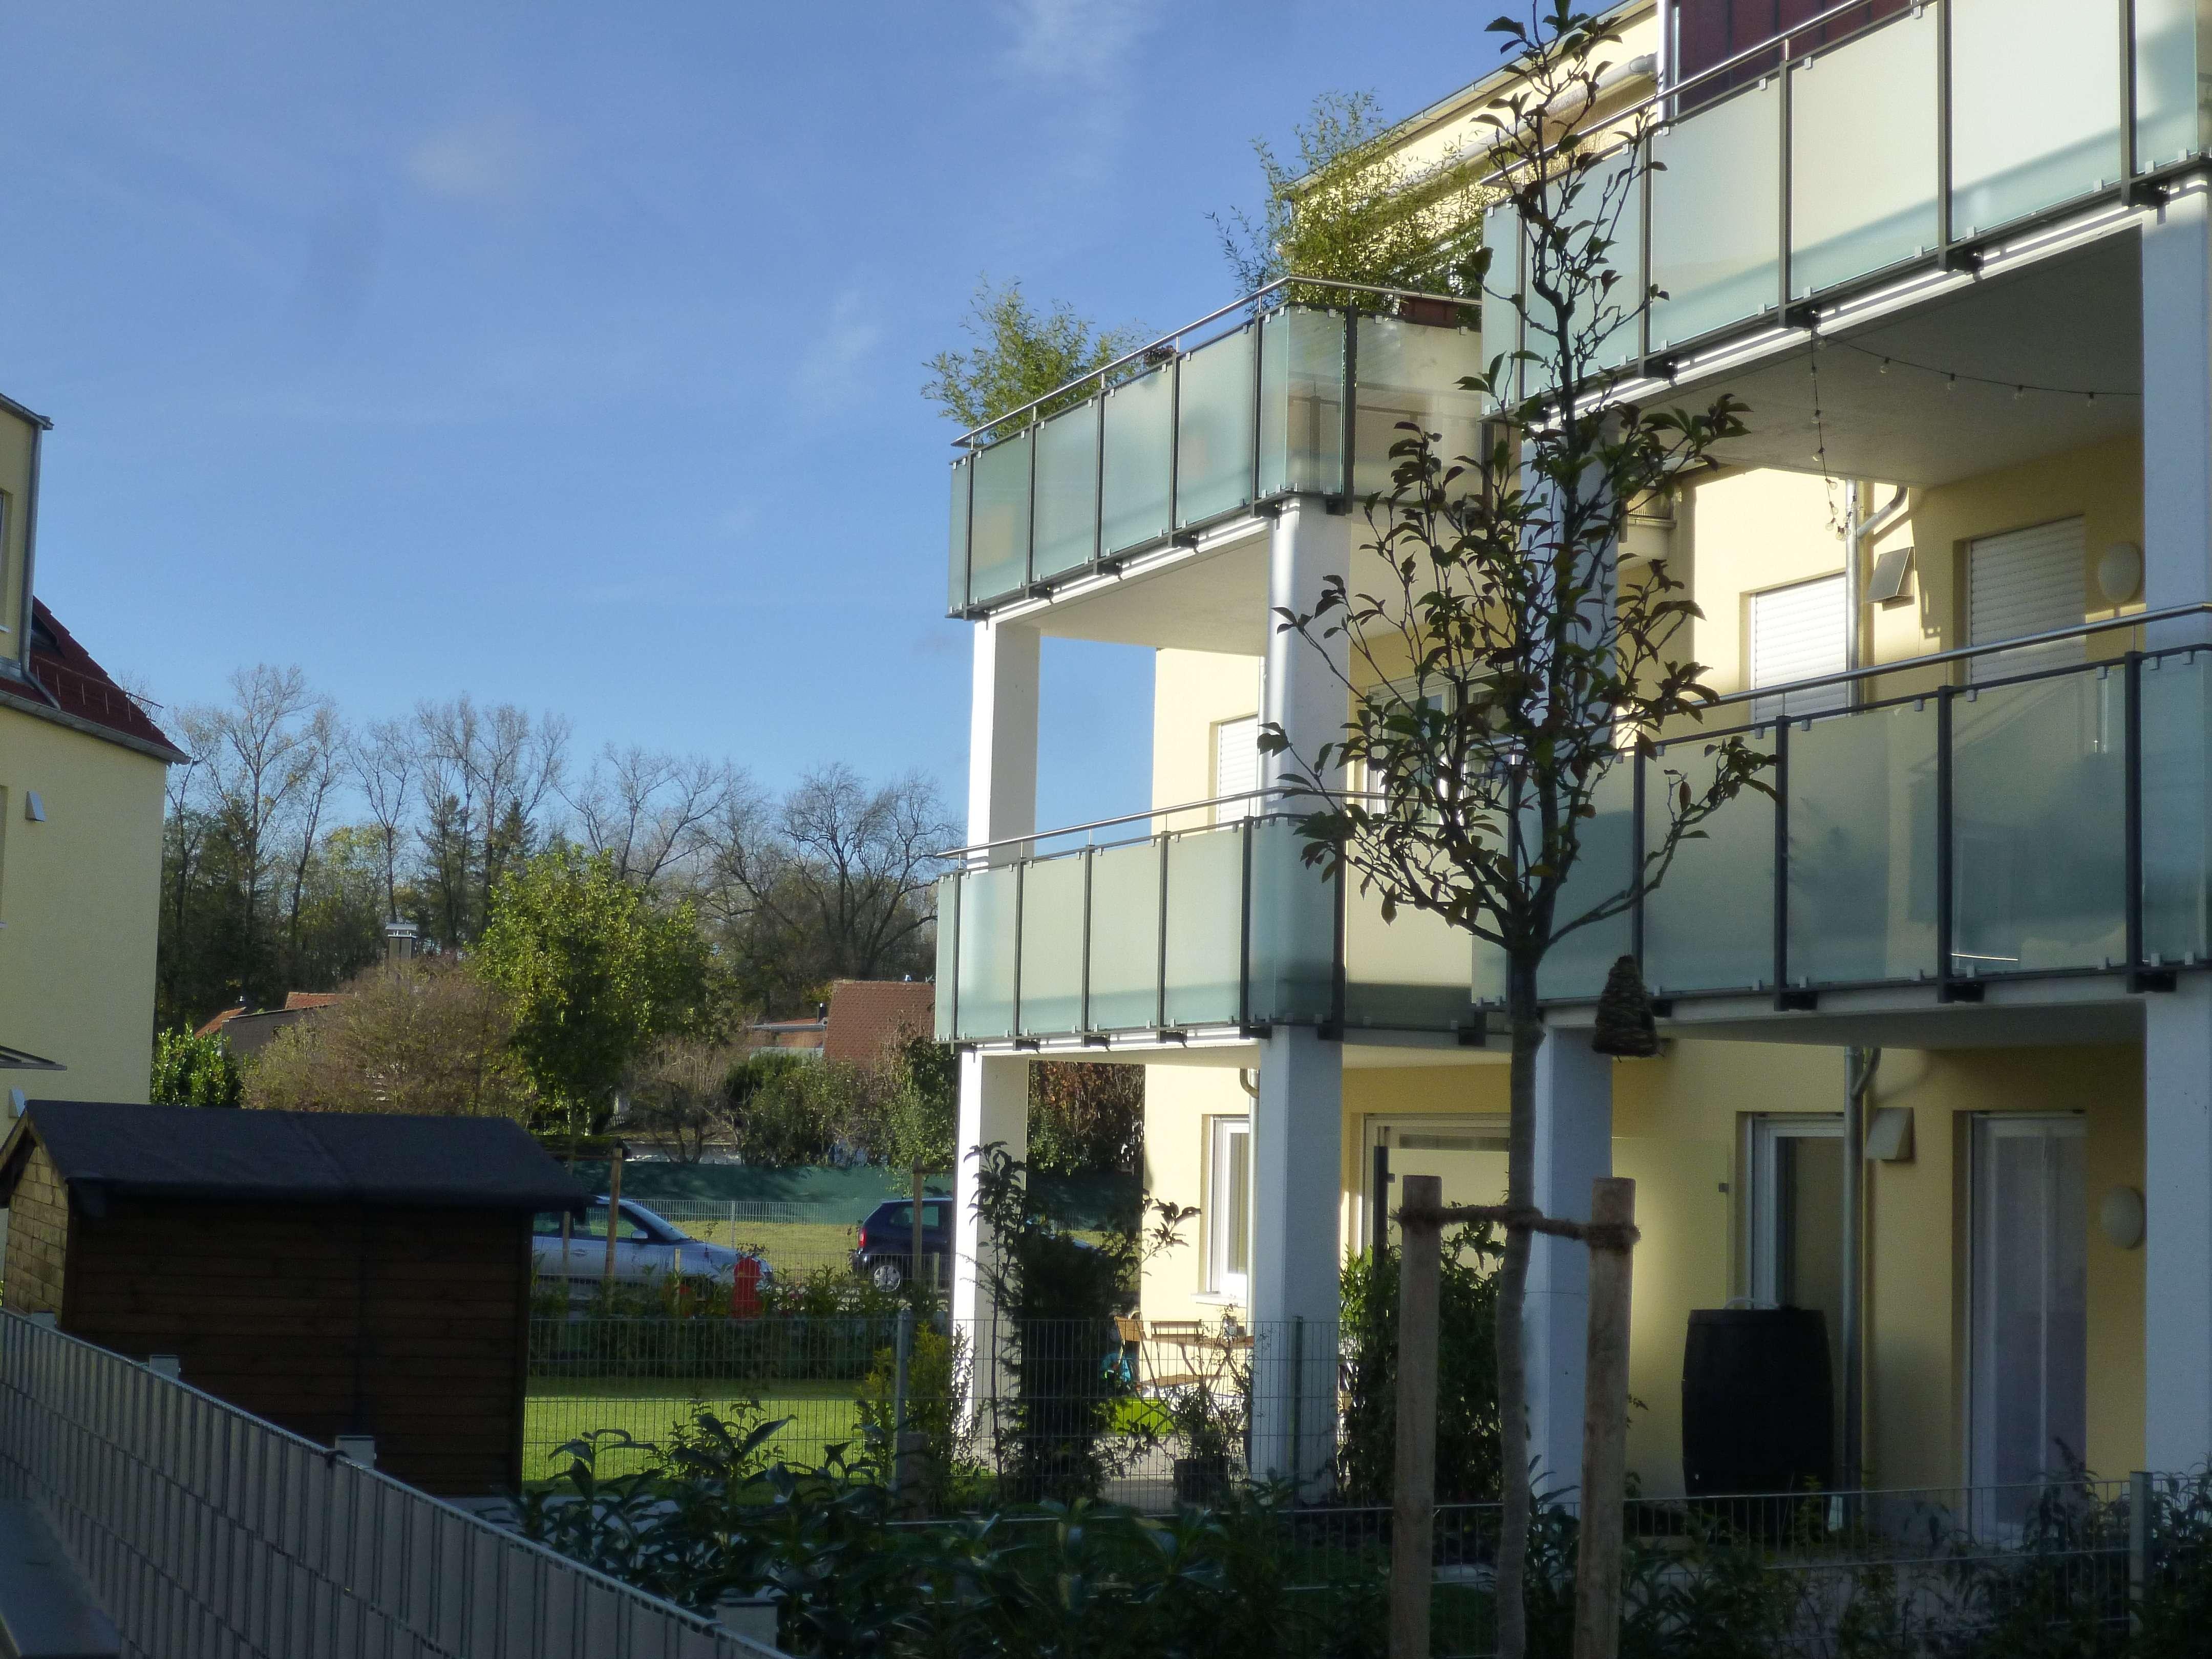 Hochwertig ausgestattete exklusive 2-Zimmer-Terrassenwohnung in Ingolstadt in Südwest (Ingolstadt)